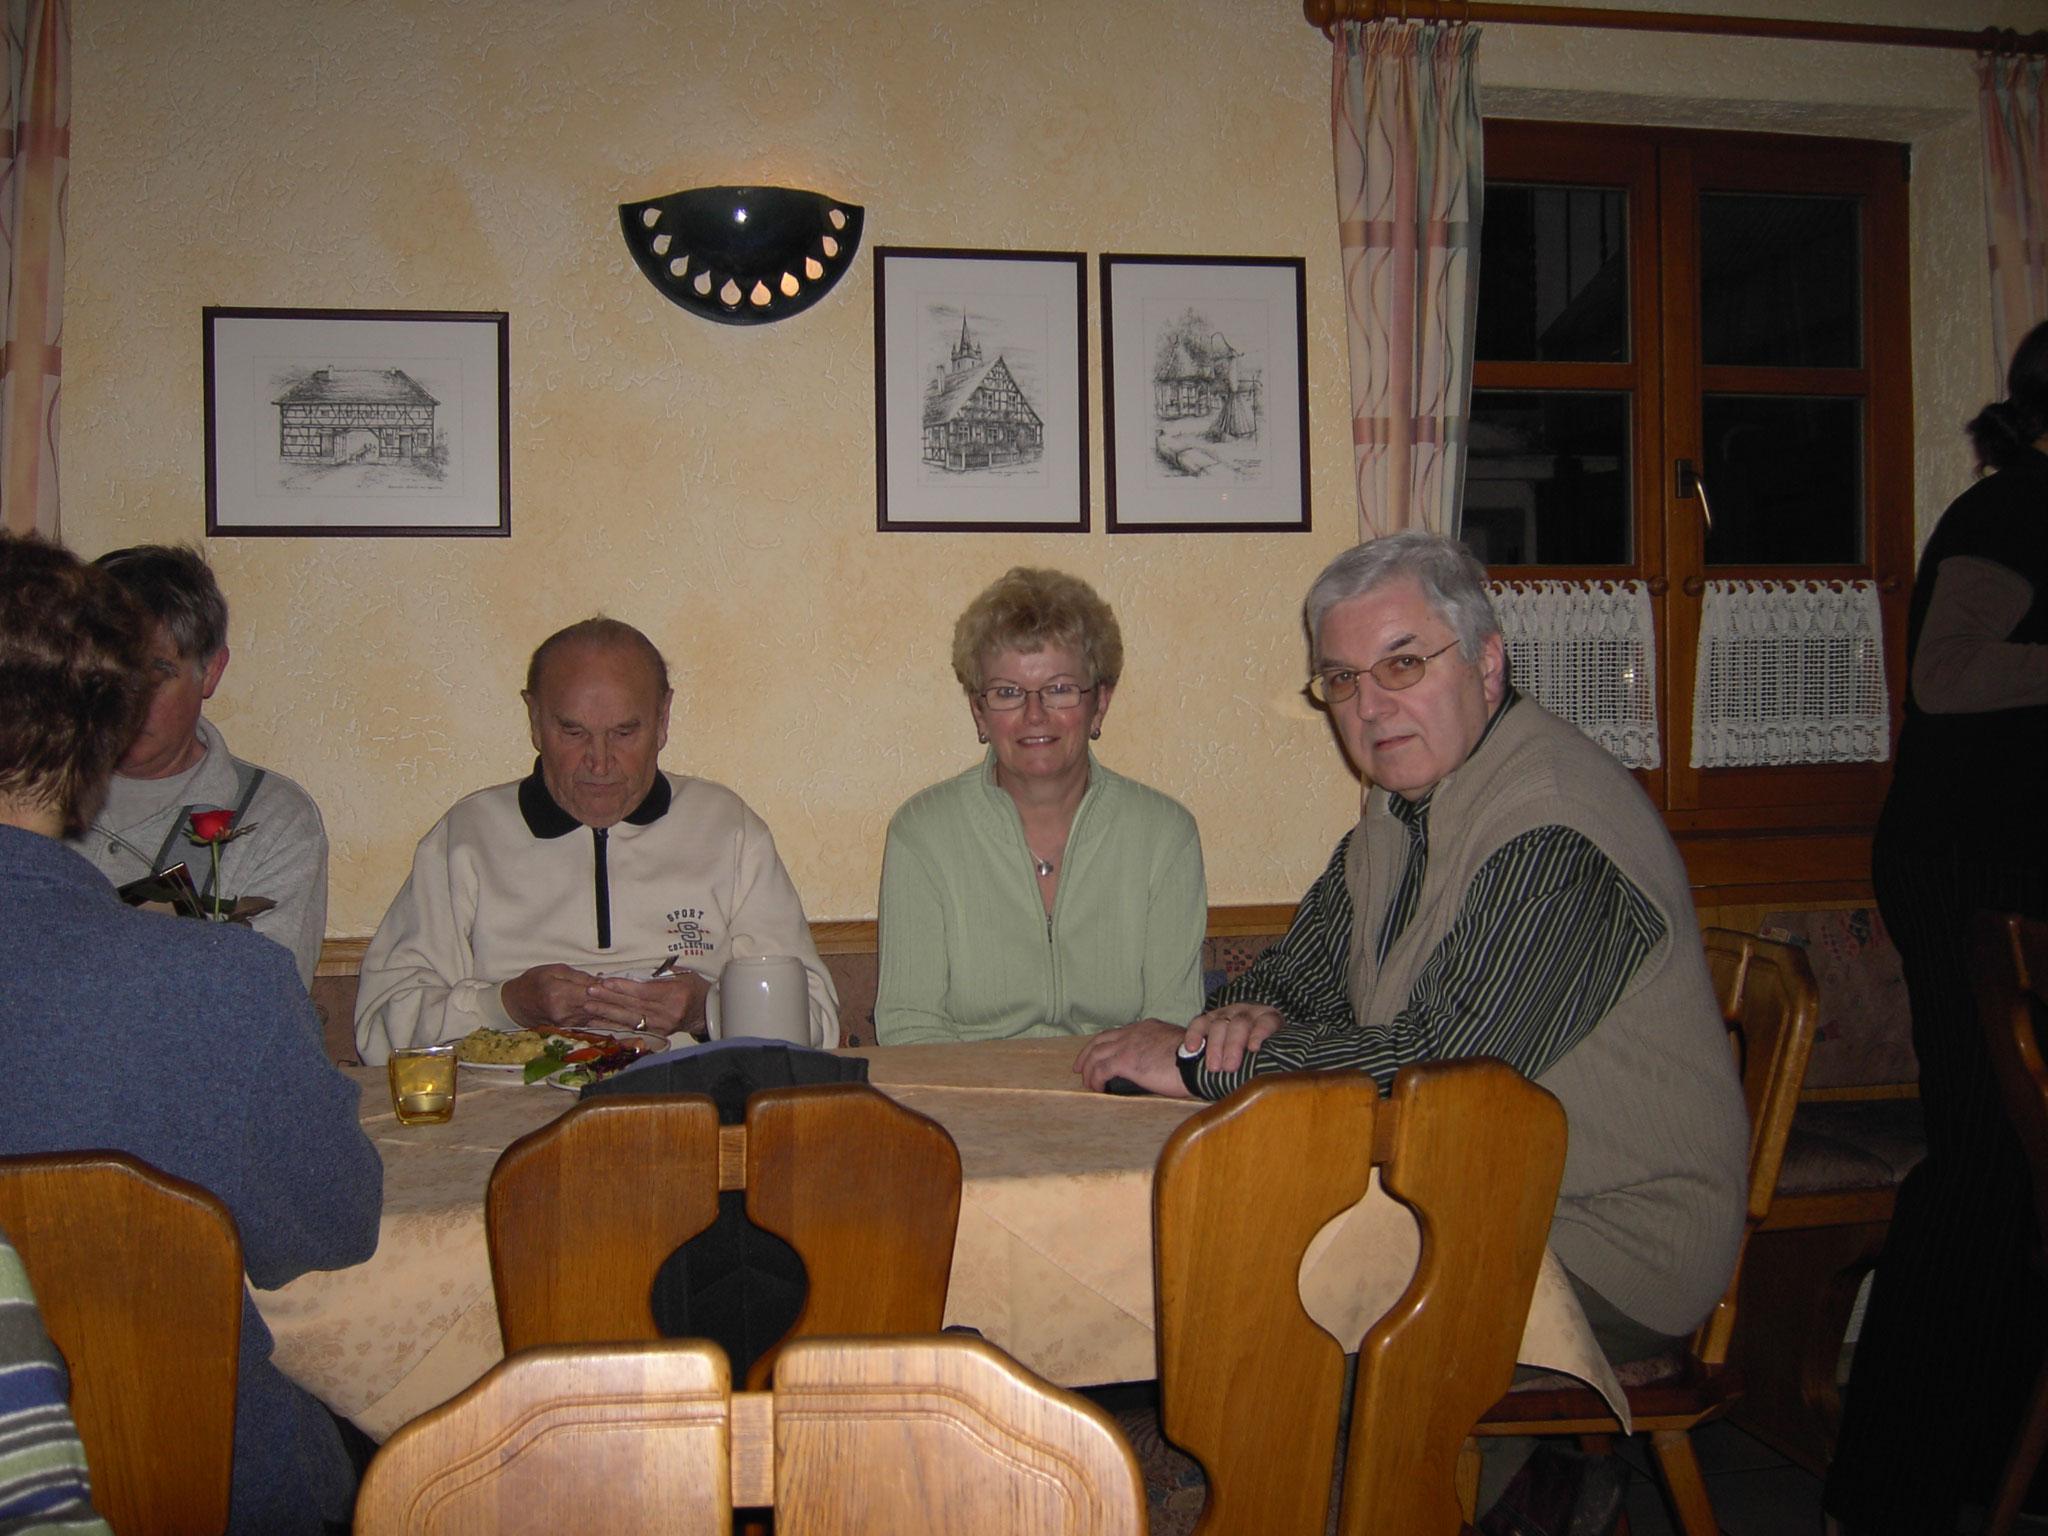 Frühjahrswanderung Rettern 2006